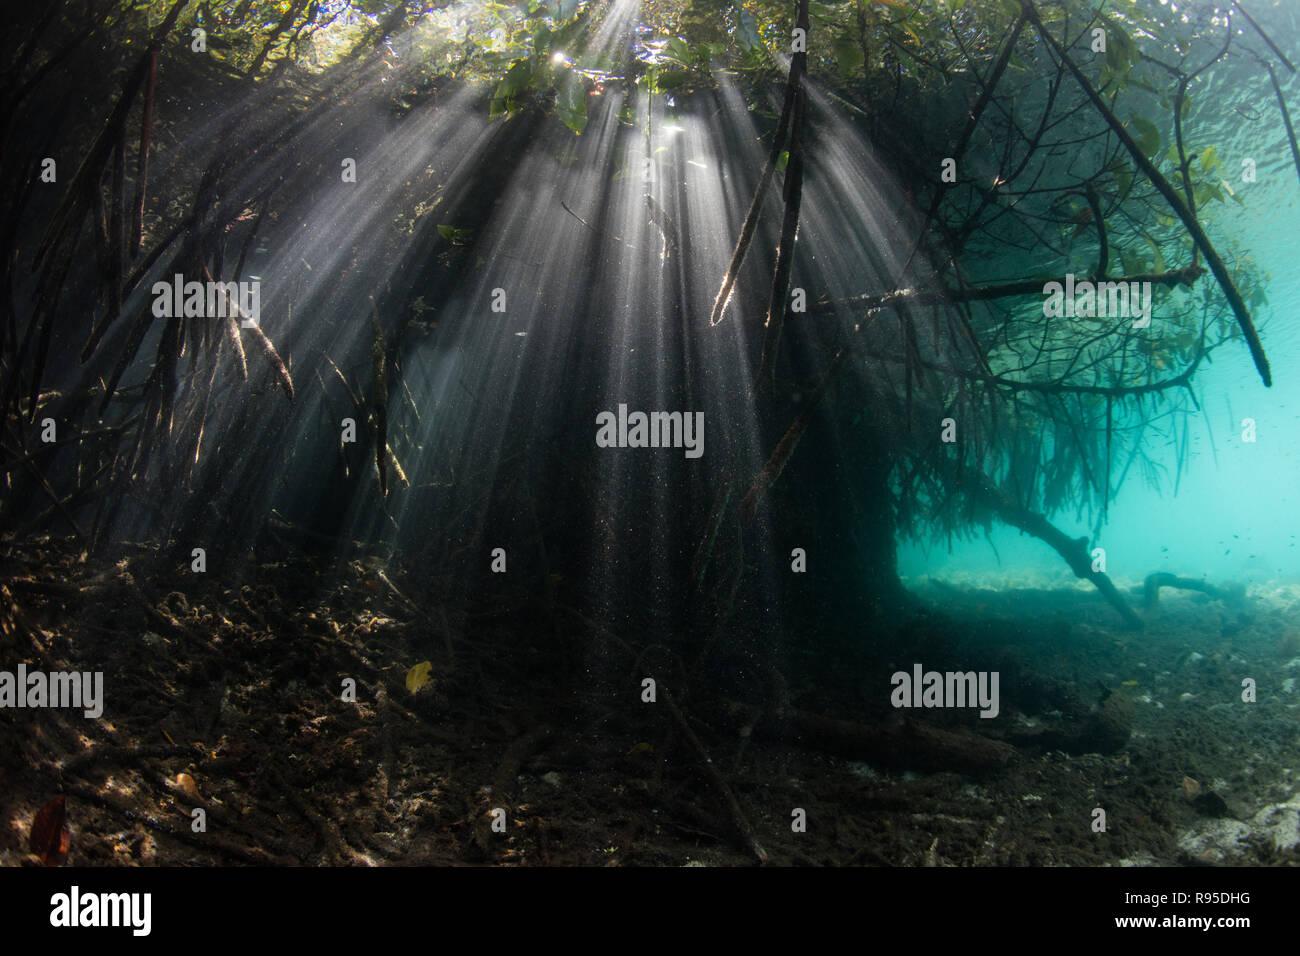 La lumière du soleil brille dans l'ombre d'une forêt de mangroves d'eau bleu Raja Ampat, en Indonésie. Photo Stock